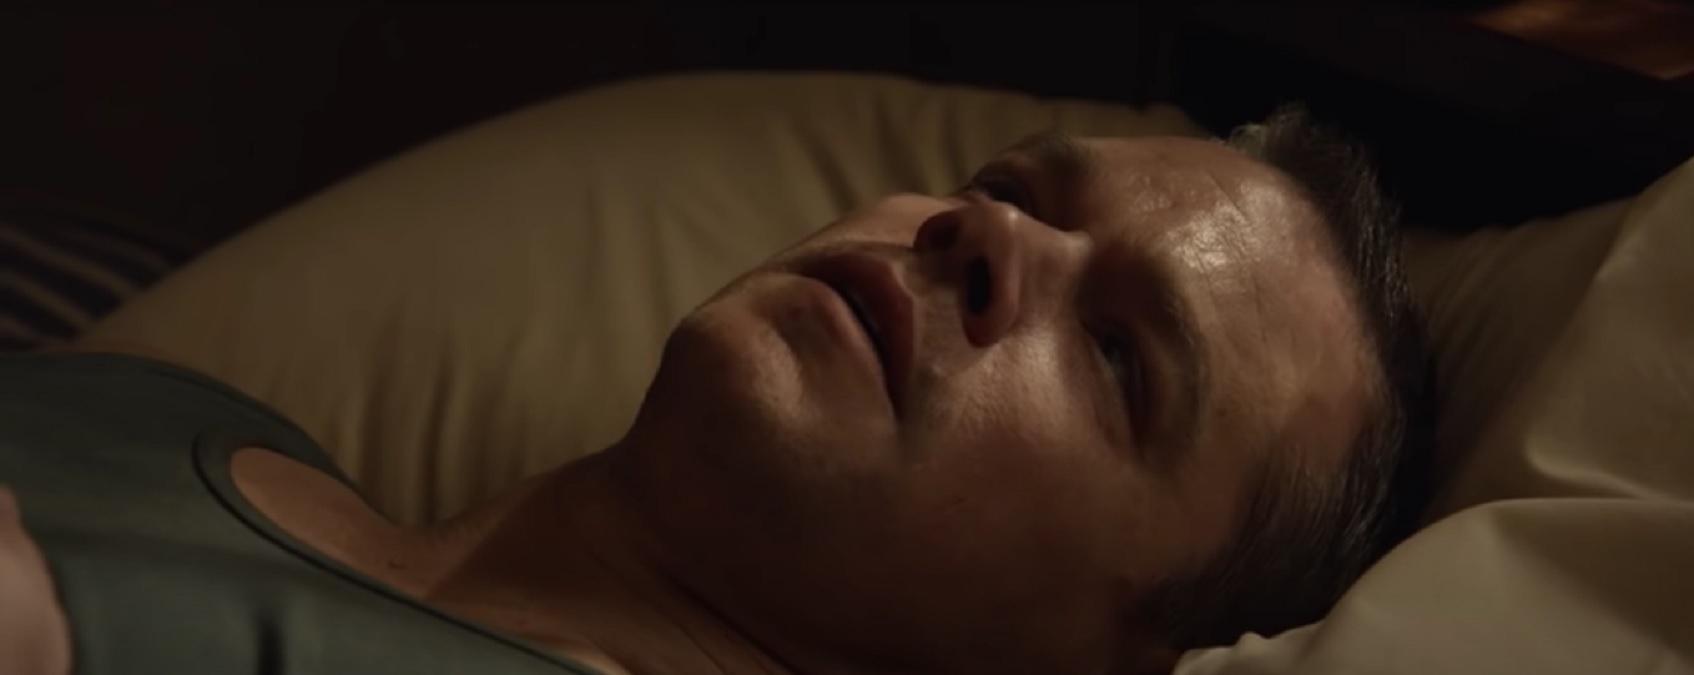 Jason Bourne: trama, cast e anticipazioni film stasera Italia 1